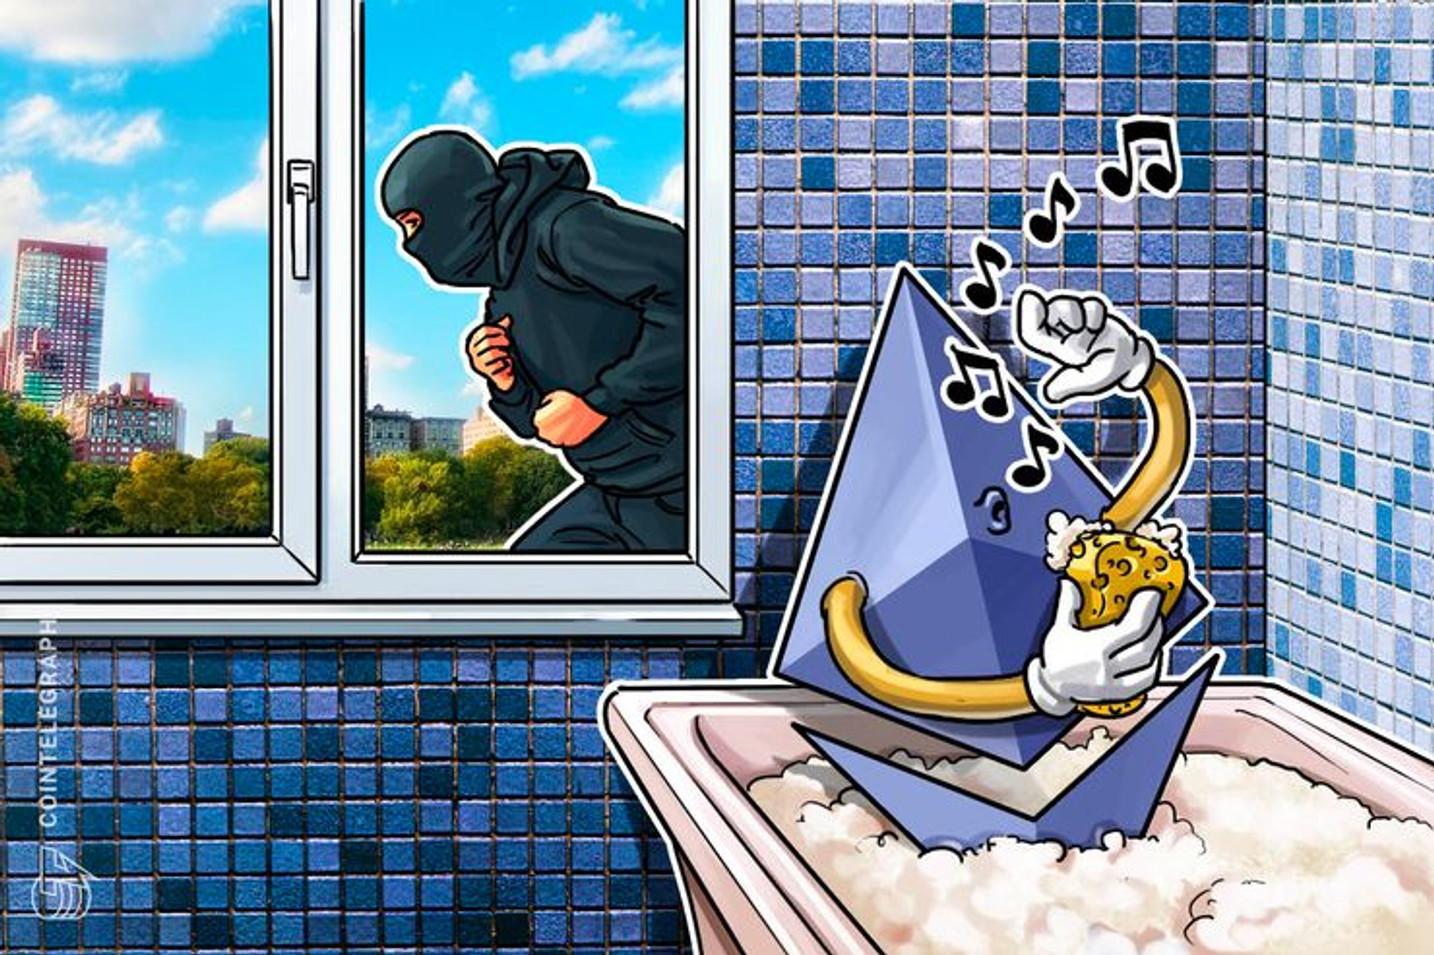 Golpes na rede Ethereum causaram rombo de US$ 36 milhões e afetaram 40.000 pessoas em 2018, aponta relatório